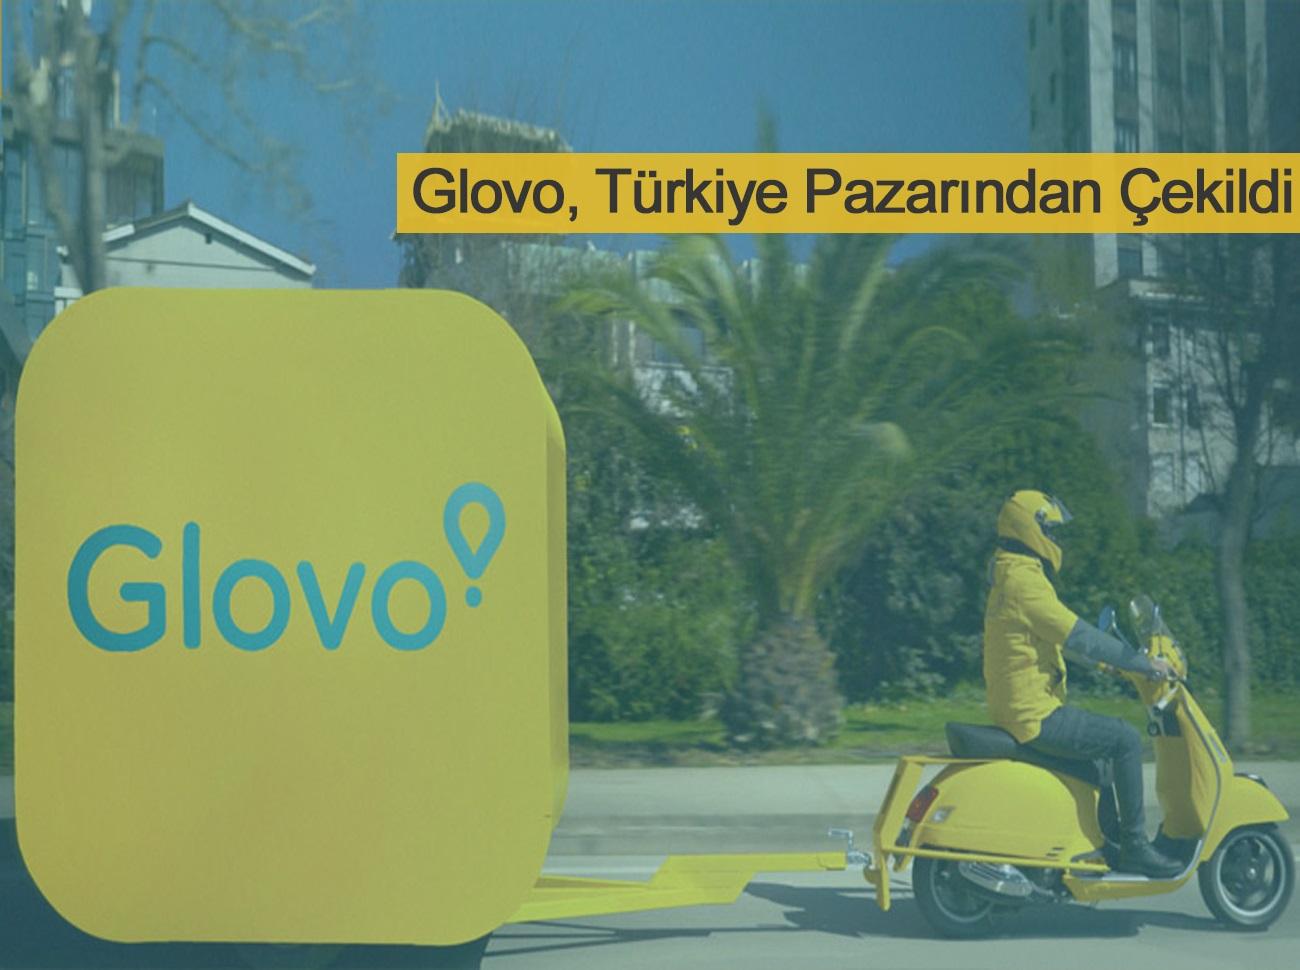 Glovo Türkiyeden Çekilme Kararı